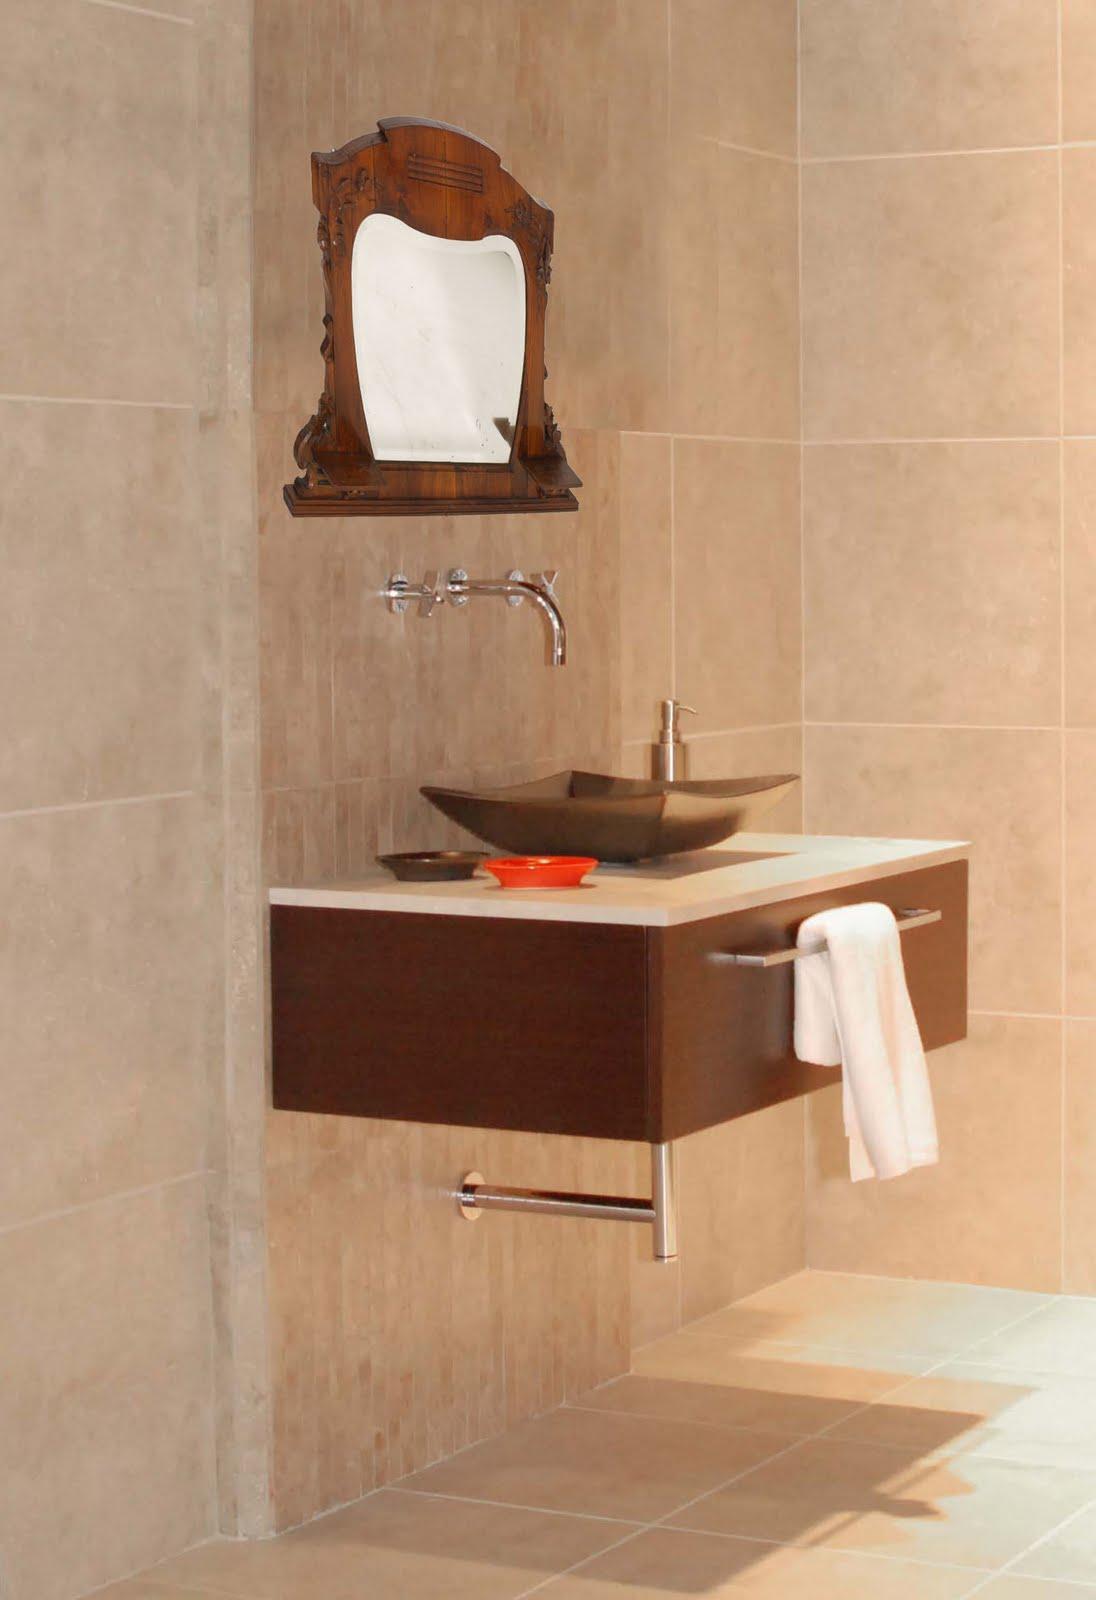 Specchiera bagno specchio art nouveau for Specchiera bagno